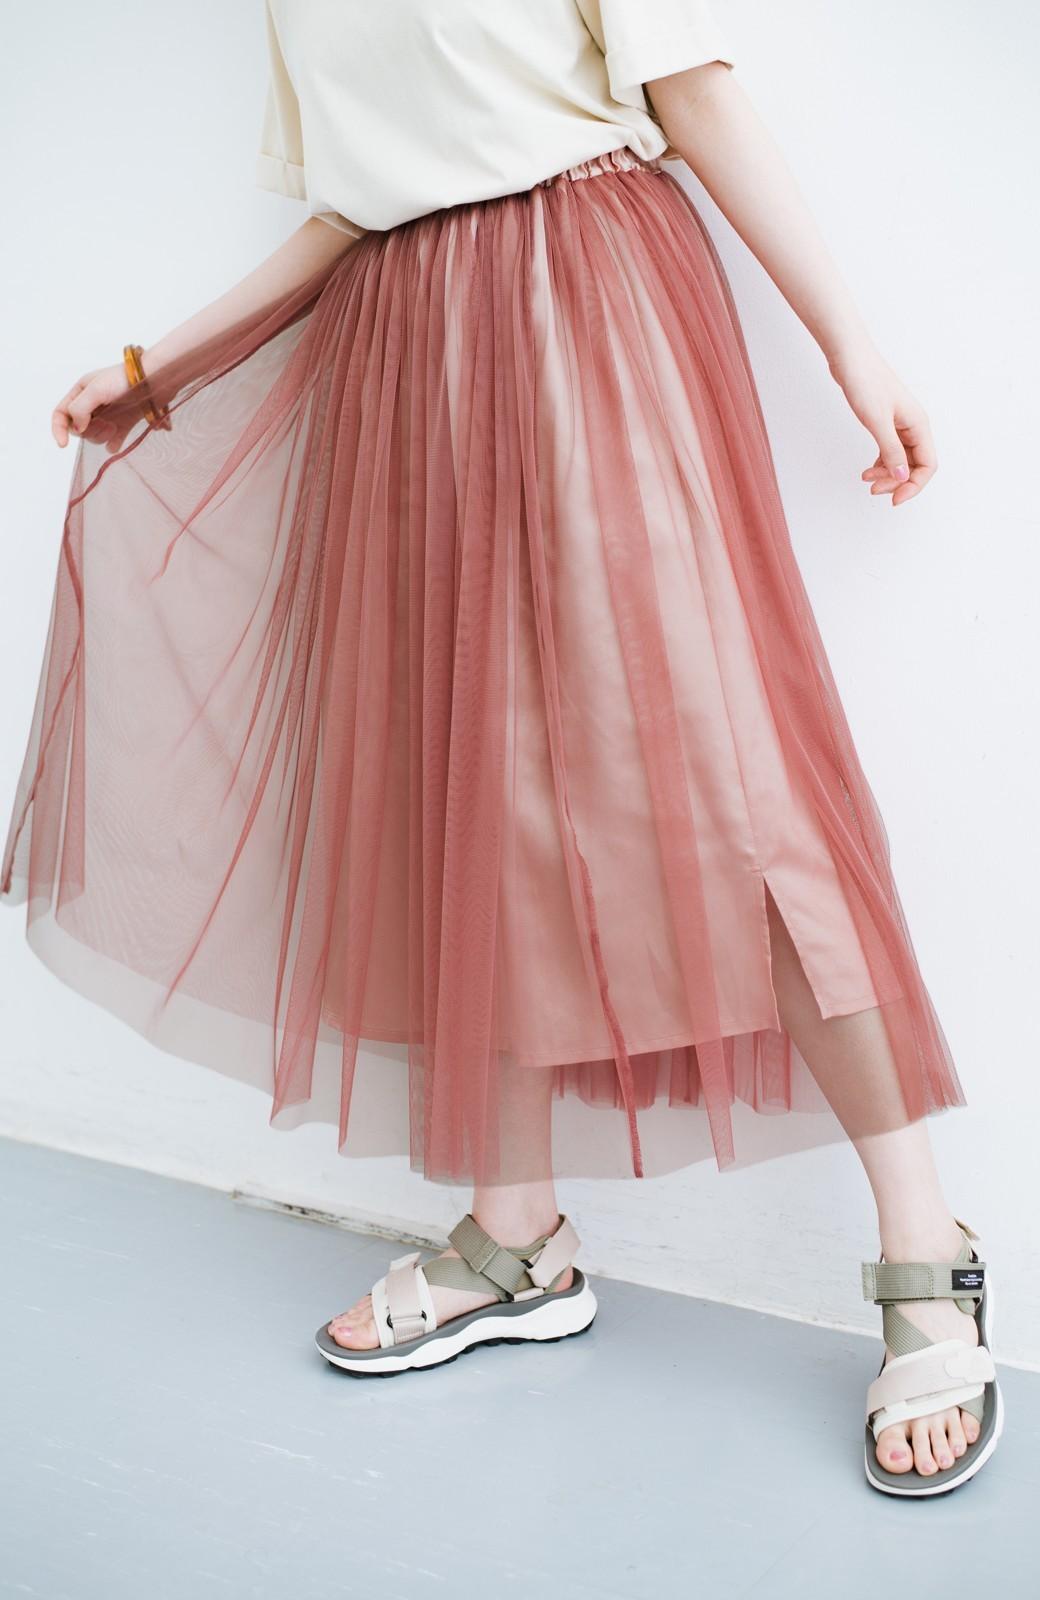 haco! 着るだけでルンとした気分になる! 長ーーい季節着られてずっと使えるオトナのためのチュールスカート <ピンク>の商品写真2